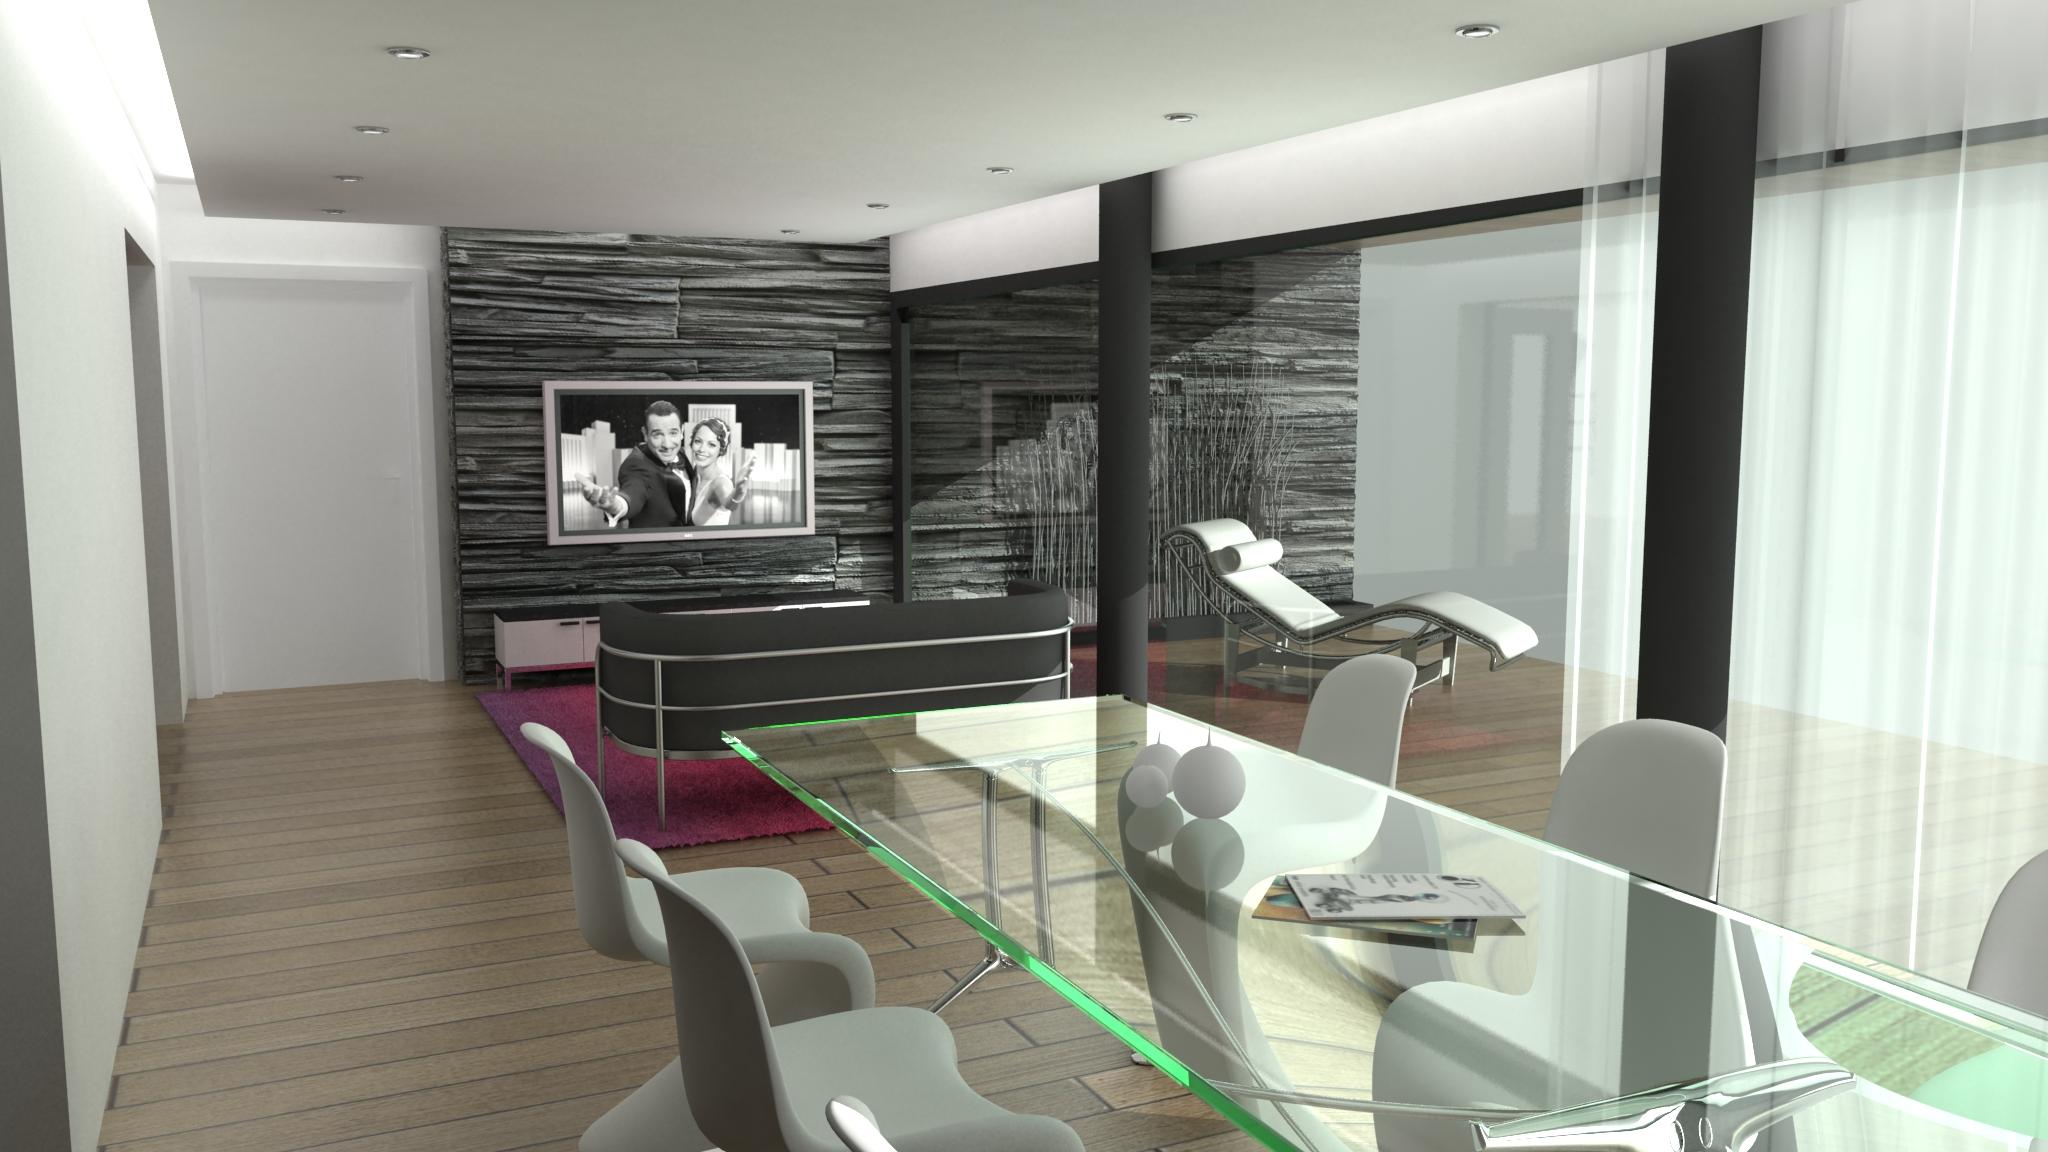 bureau architecte interieur geneve architecte d int rieur hes orientation am nagement de. Black Bedroom Furniture Sets. Home Design Ideas